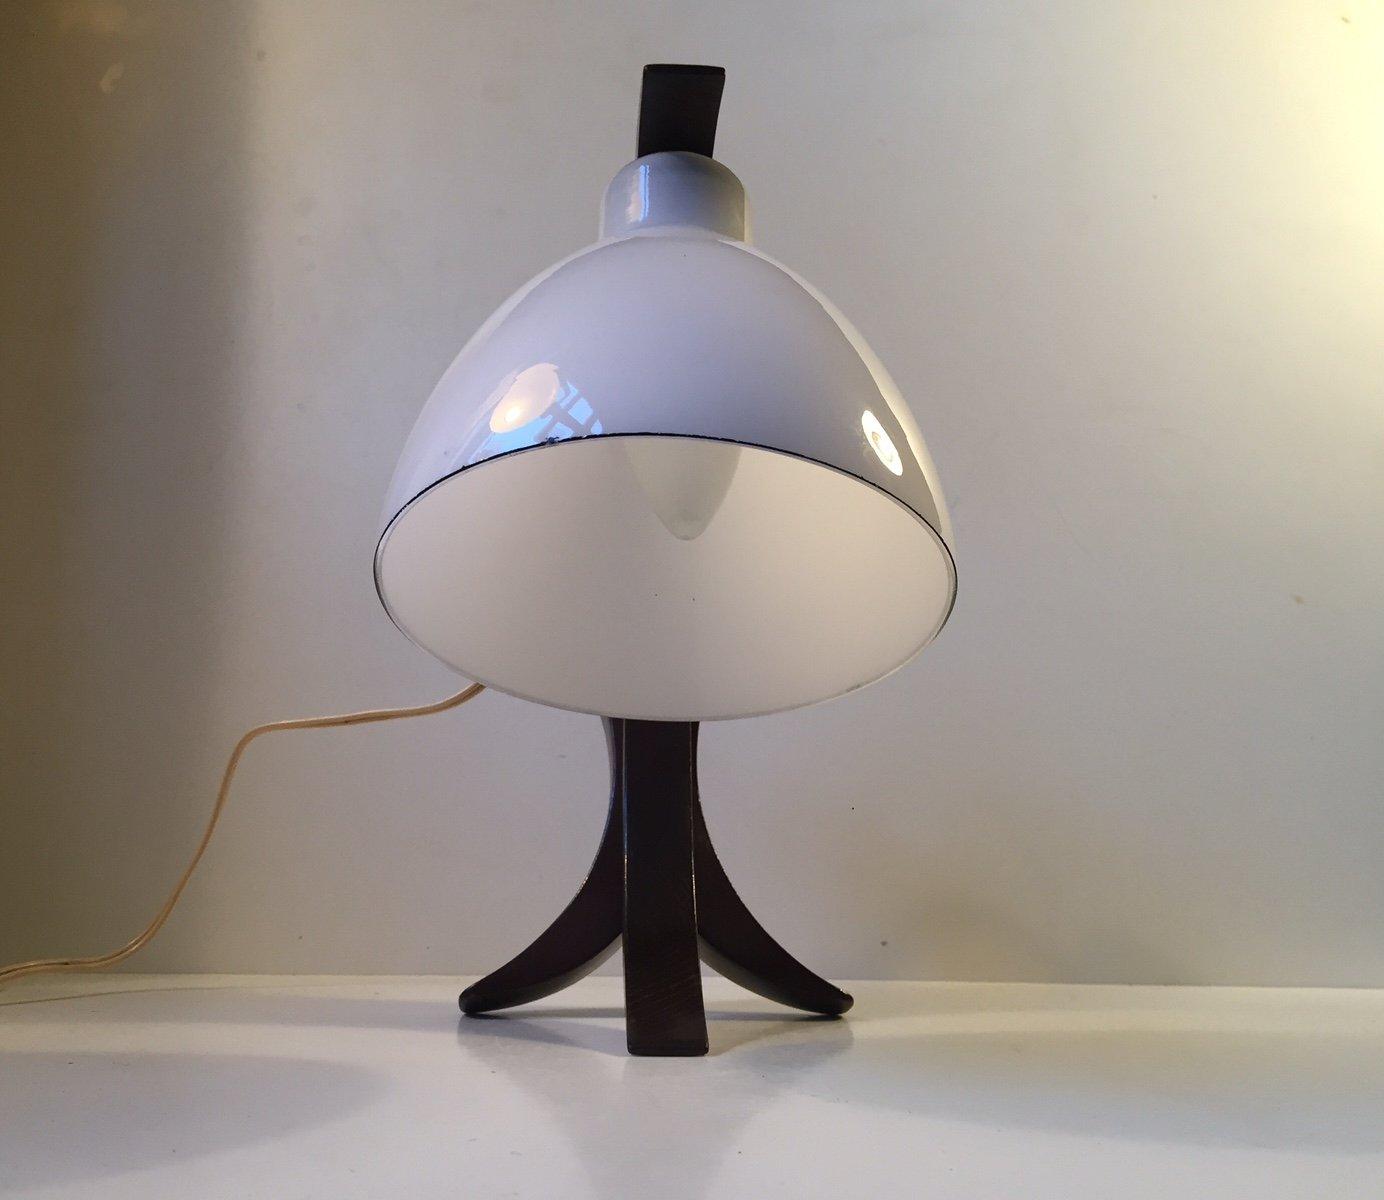 lampe de bureau mid century moon hybrid en ch ne et verre opalin allemagne 1950s en vente sur. Black Bedroom Furniture Sets. Home Design Ideas